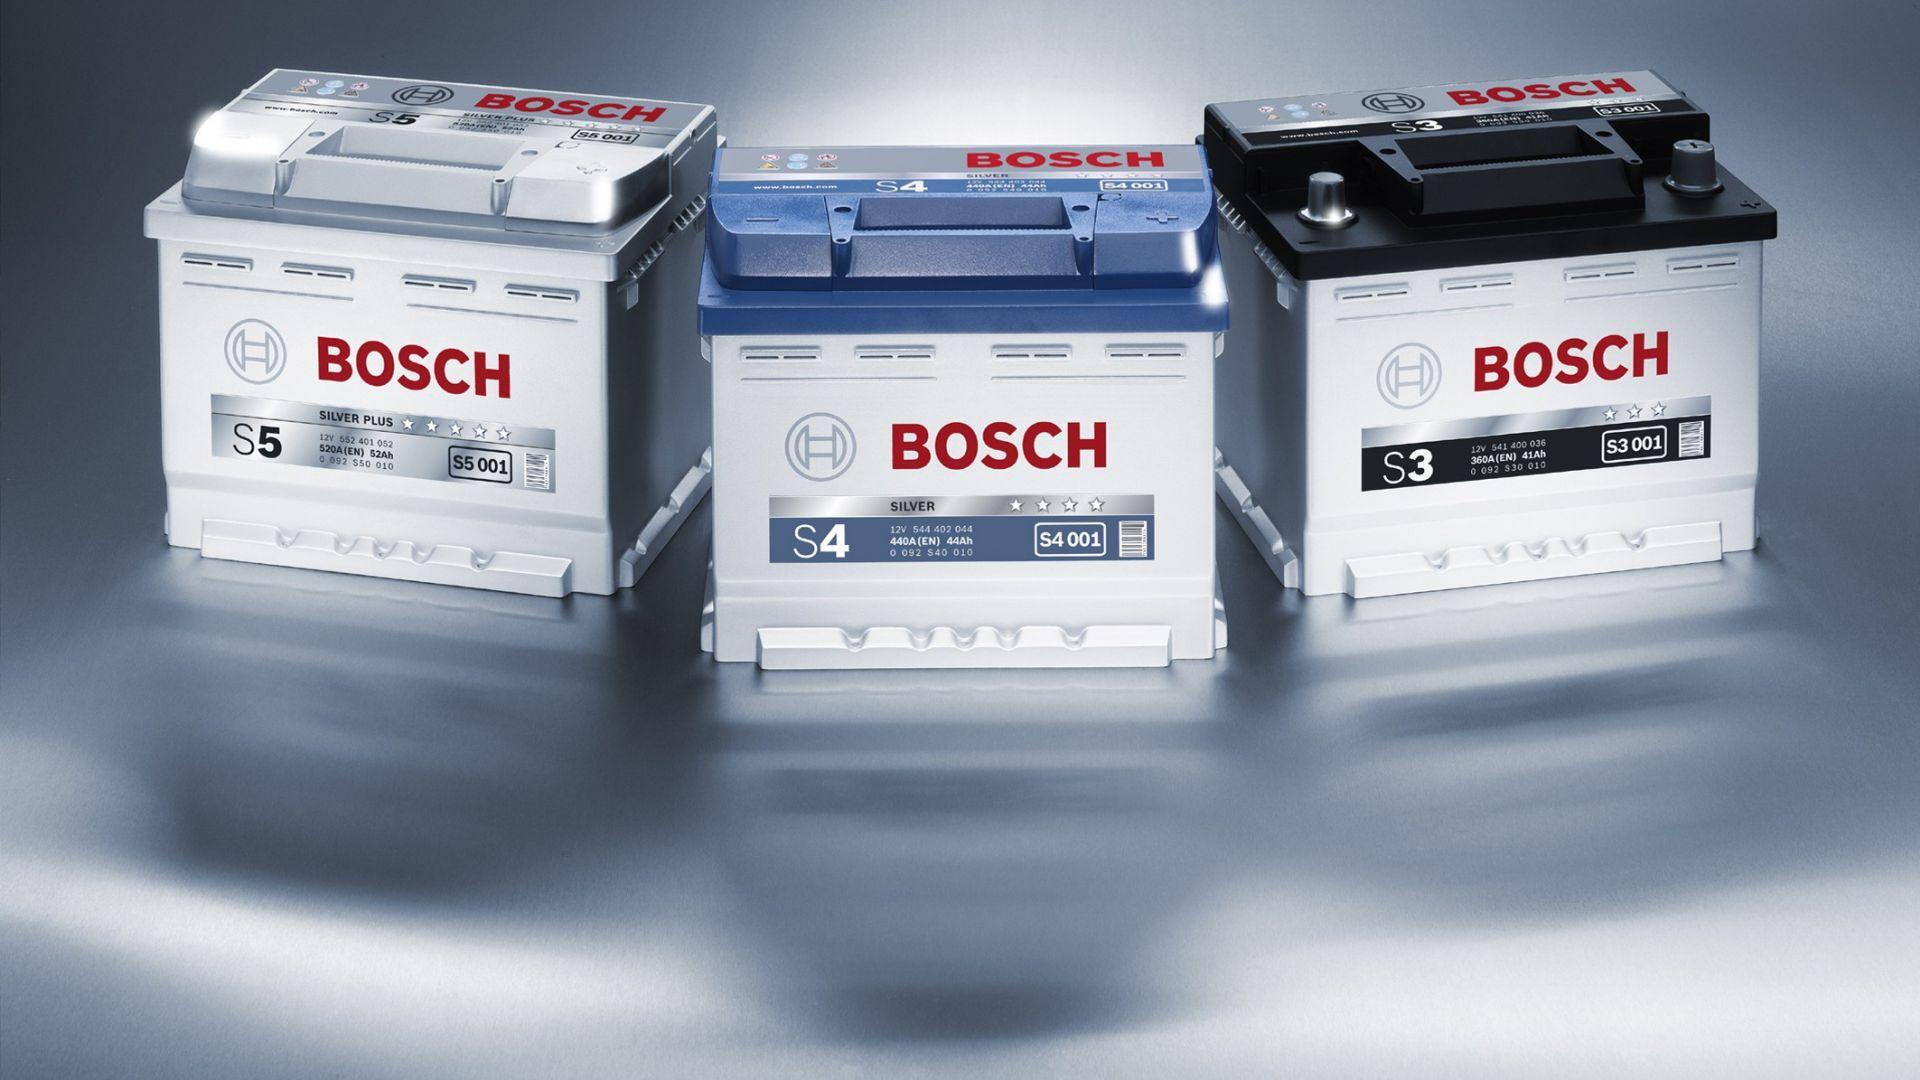 Duracell Car Battery Review >> Vademecum batterie: manutenzione, riparazione, ricarica - MotorBox